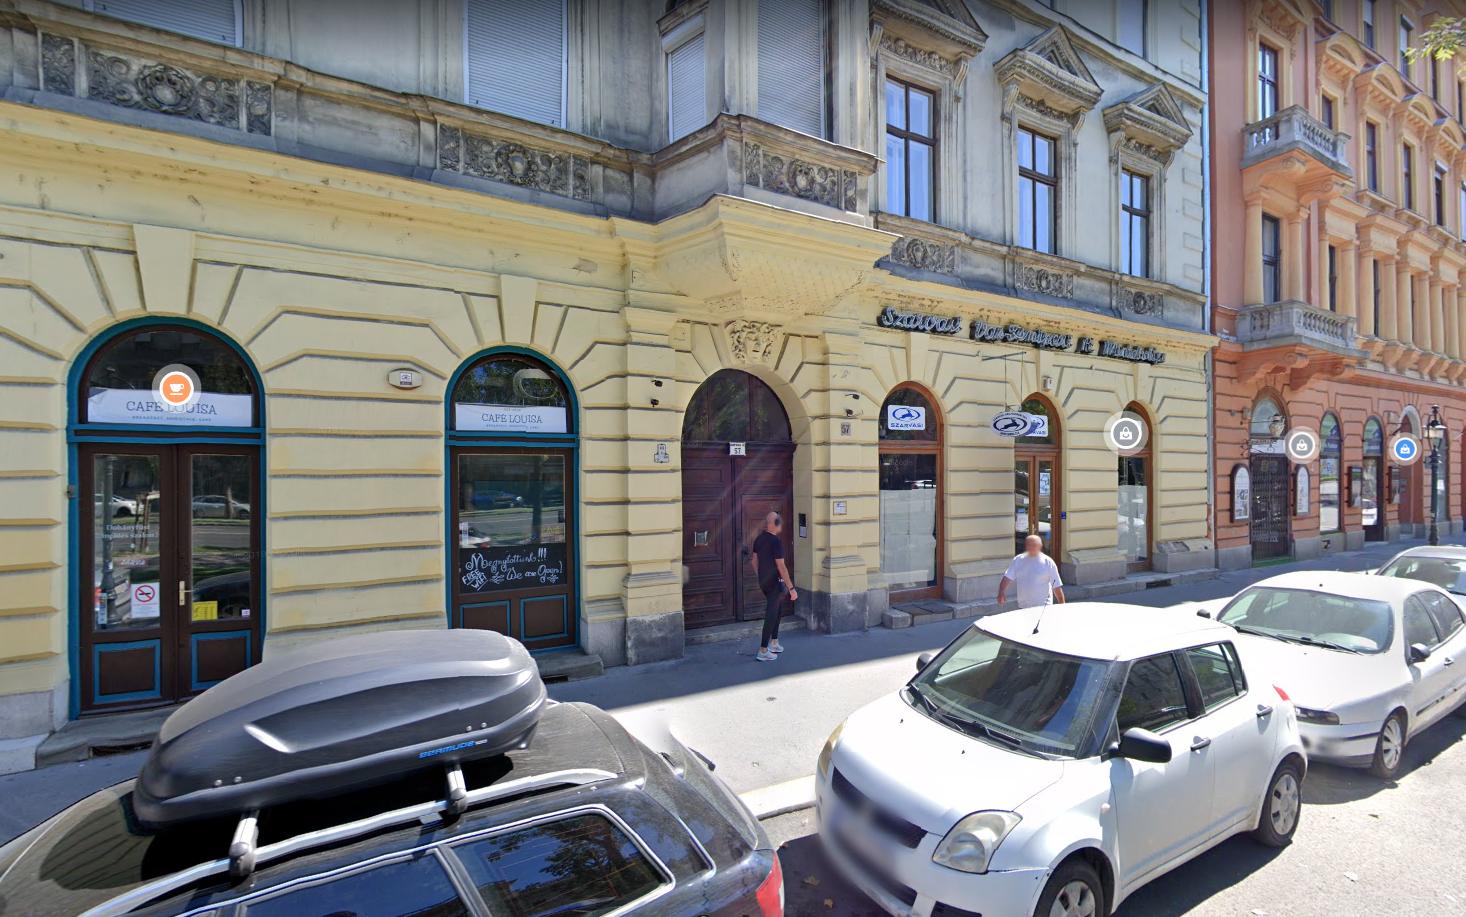 Mészároshoz közeli cég vette meg a Szarvasi Vas- és Fémipari Zrt. Andrássy úti ingatlanjait